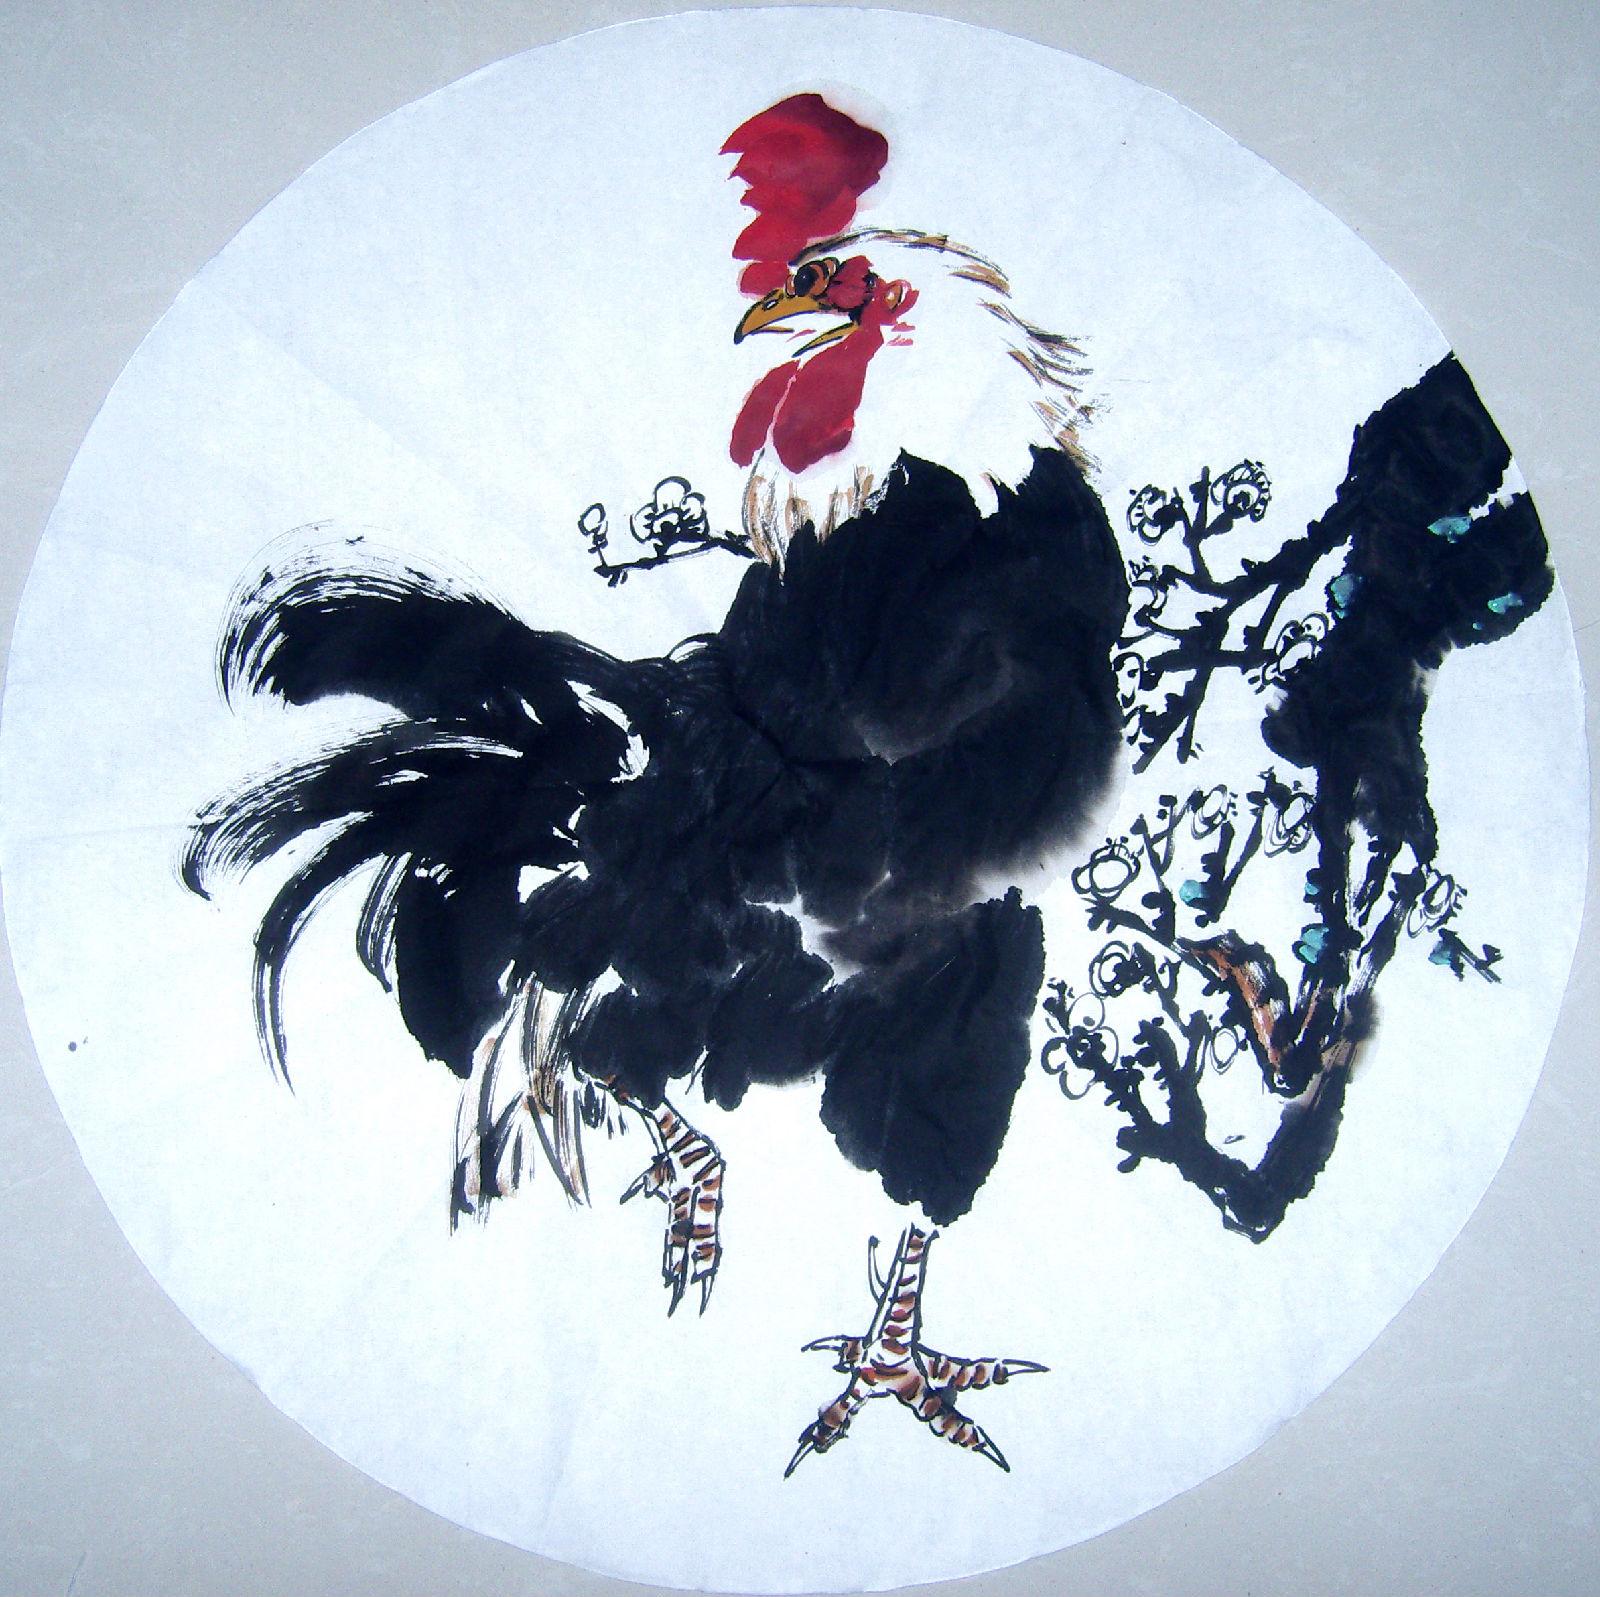 国画写意鸡图片_回复:写意画鸡!!!!!!!_国画吧_百度贴吧